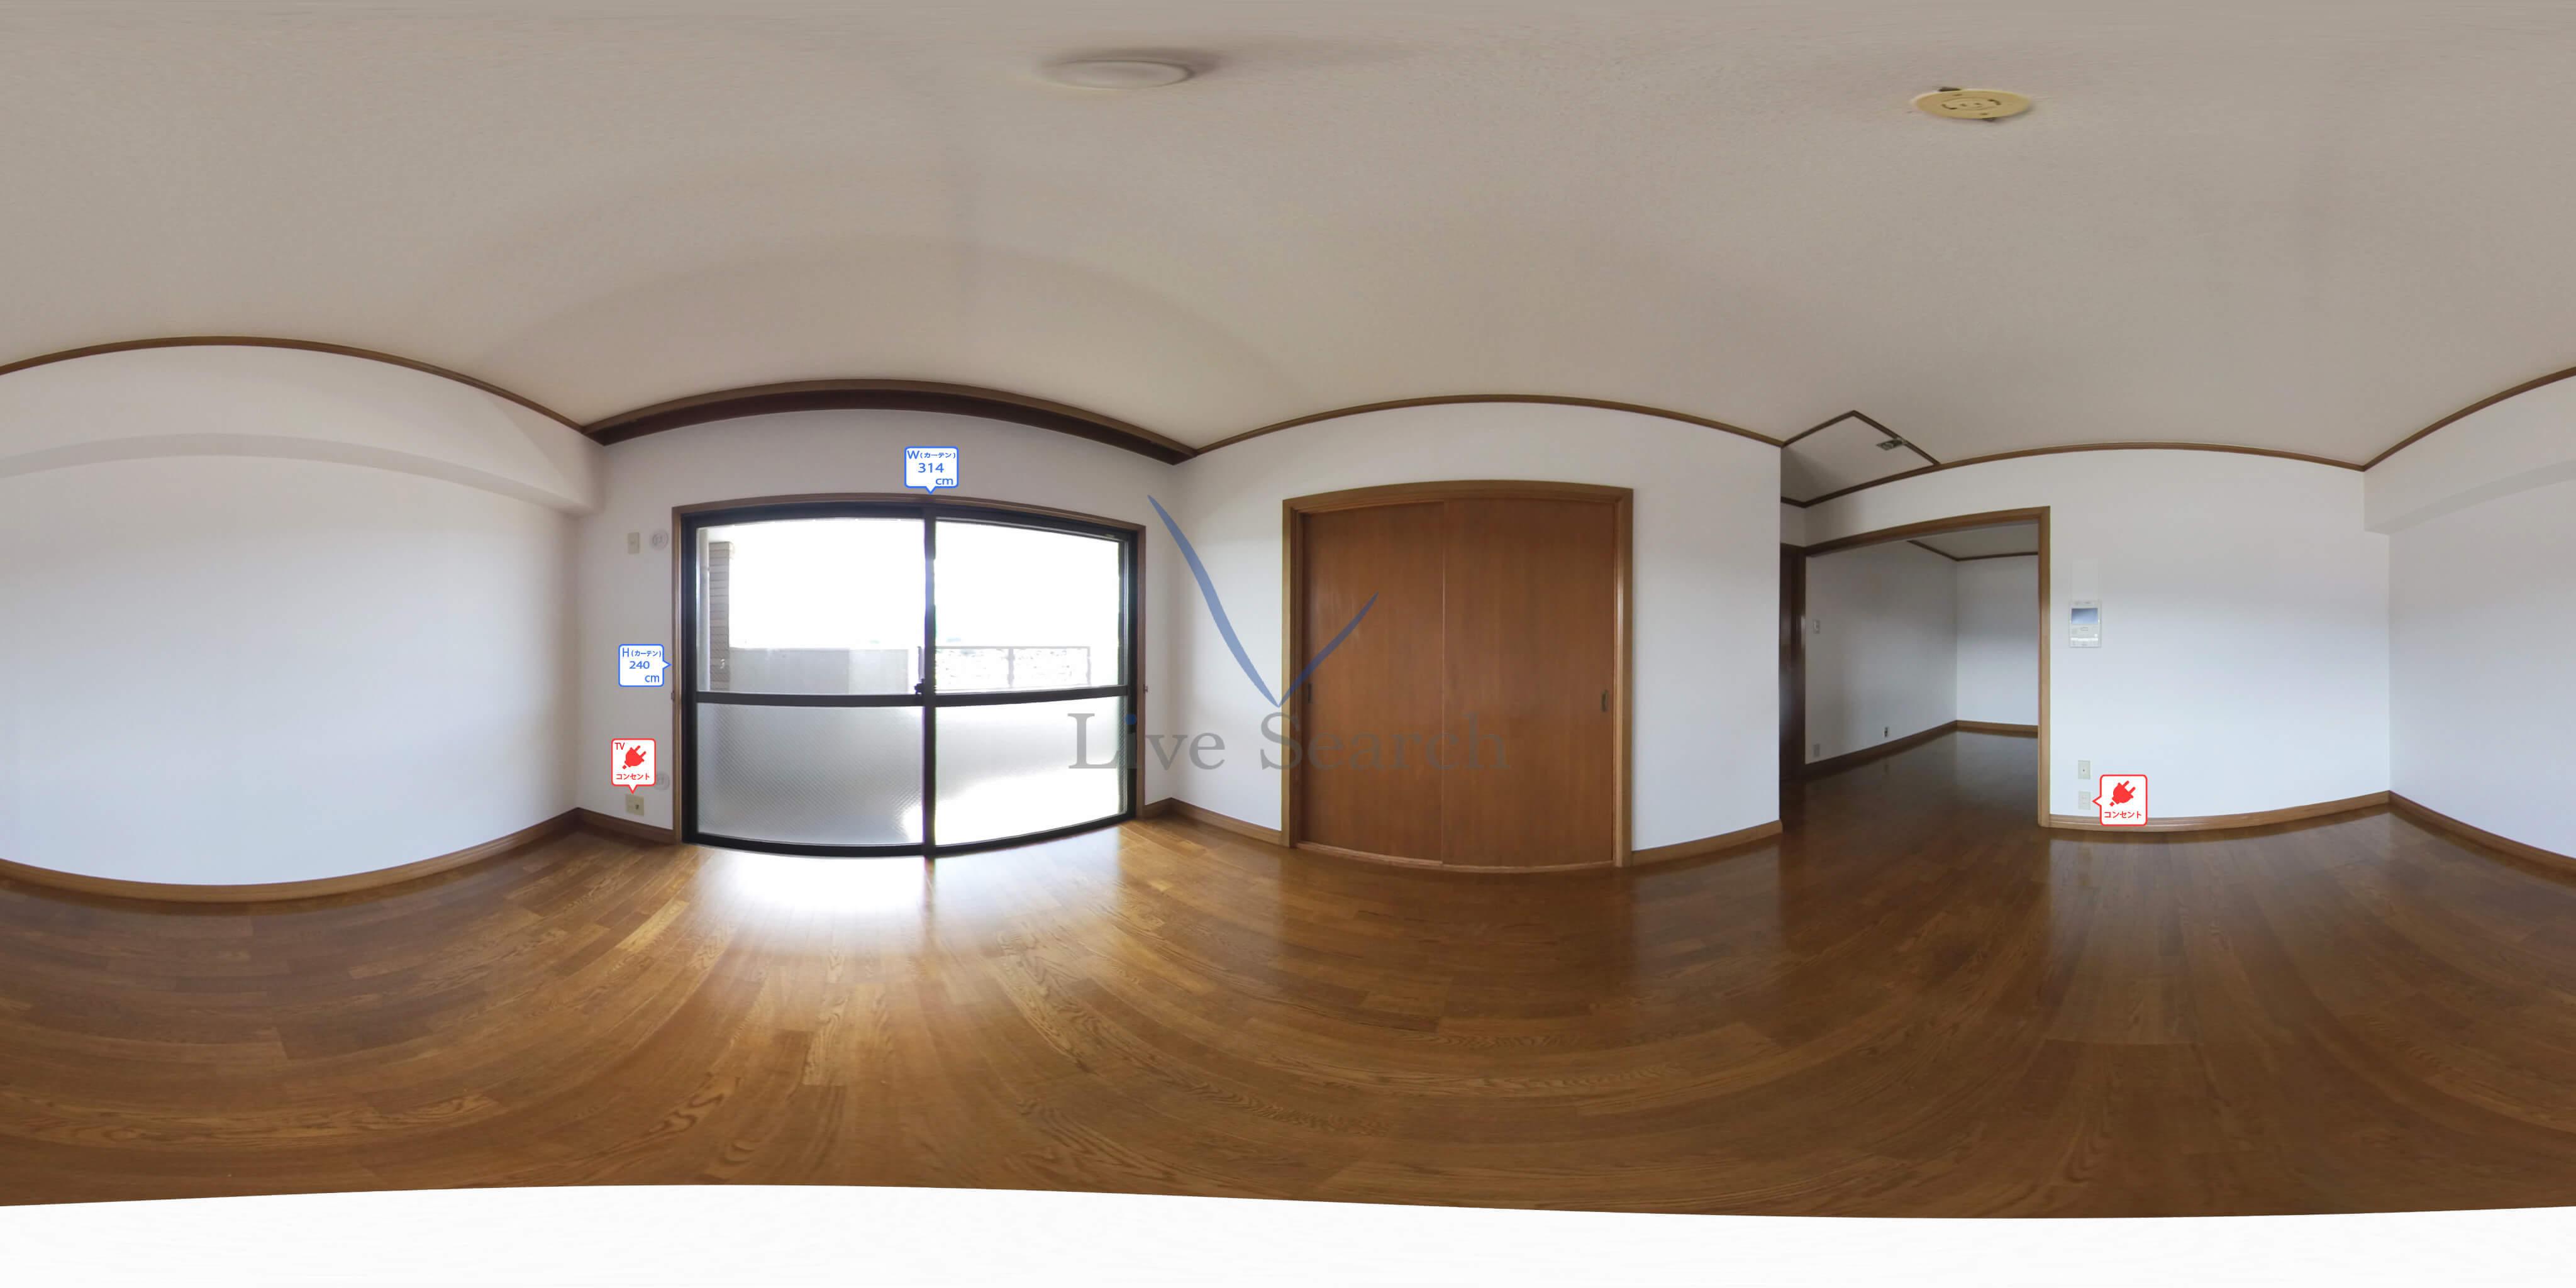 シャトー長丘 501 【南区高宮駅】 の外観写真